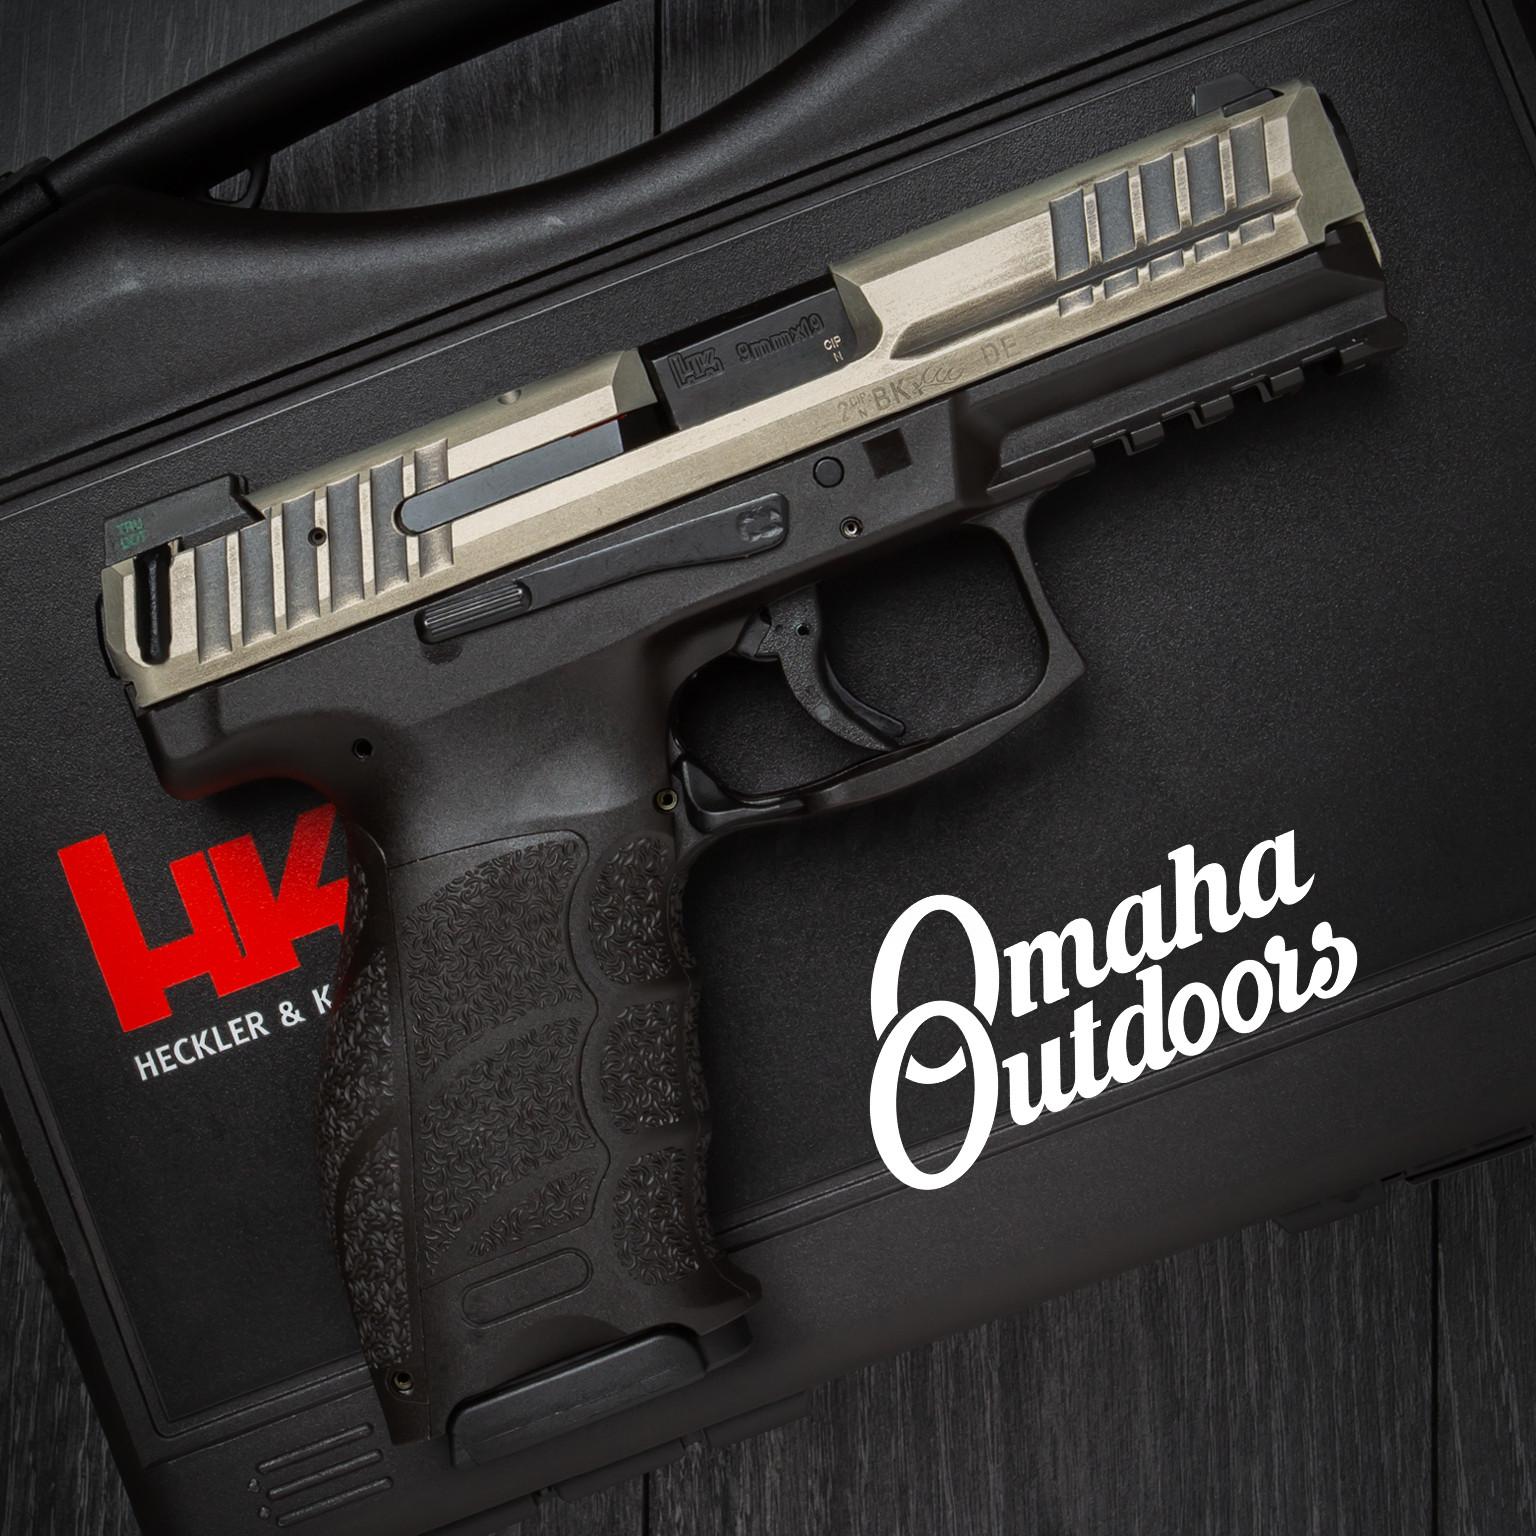 HK VP9 LE Pistol 17 RD 9mm Night Sights Bright Nickel